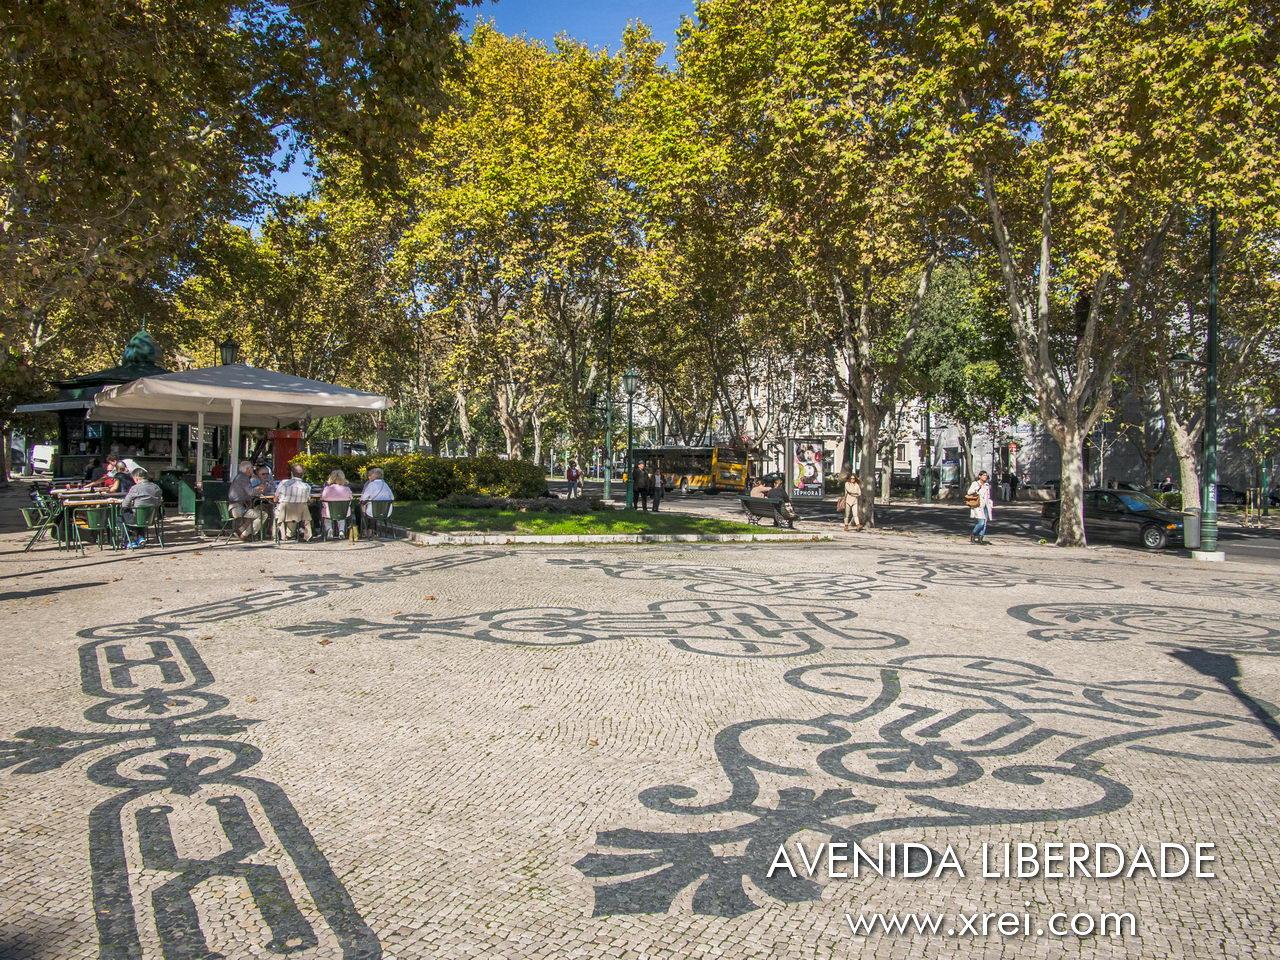 Avenida da Liberdade kiosks are places for socializing and small snacks along the Avenida da Liberdade gardens